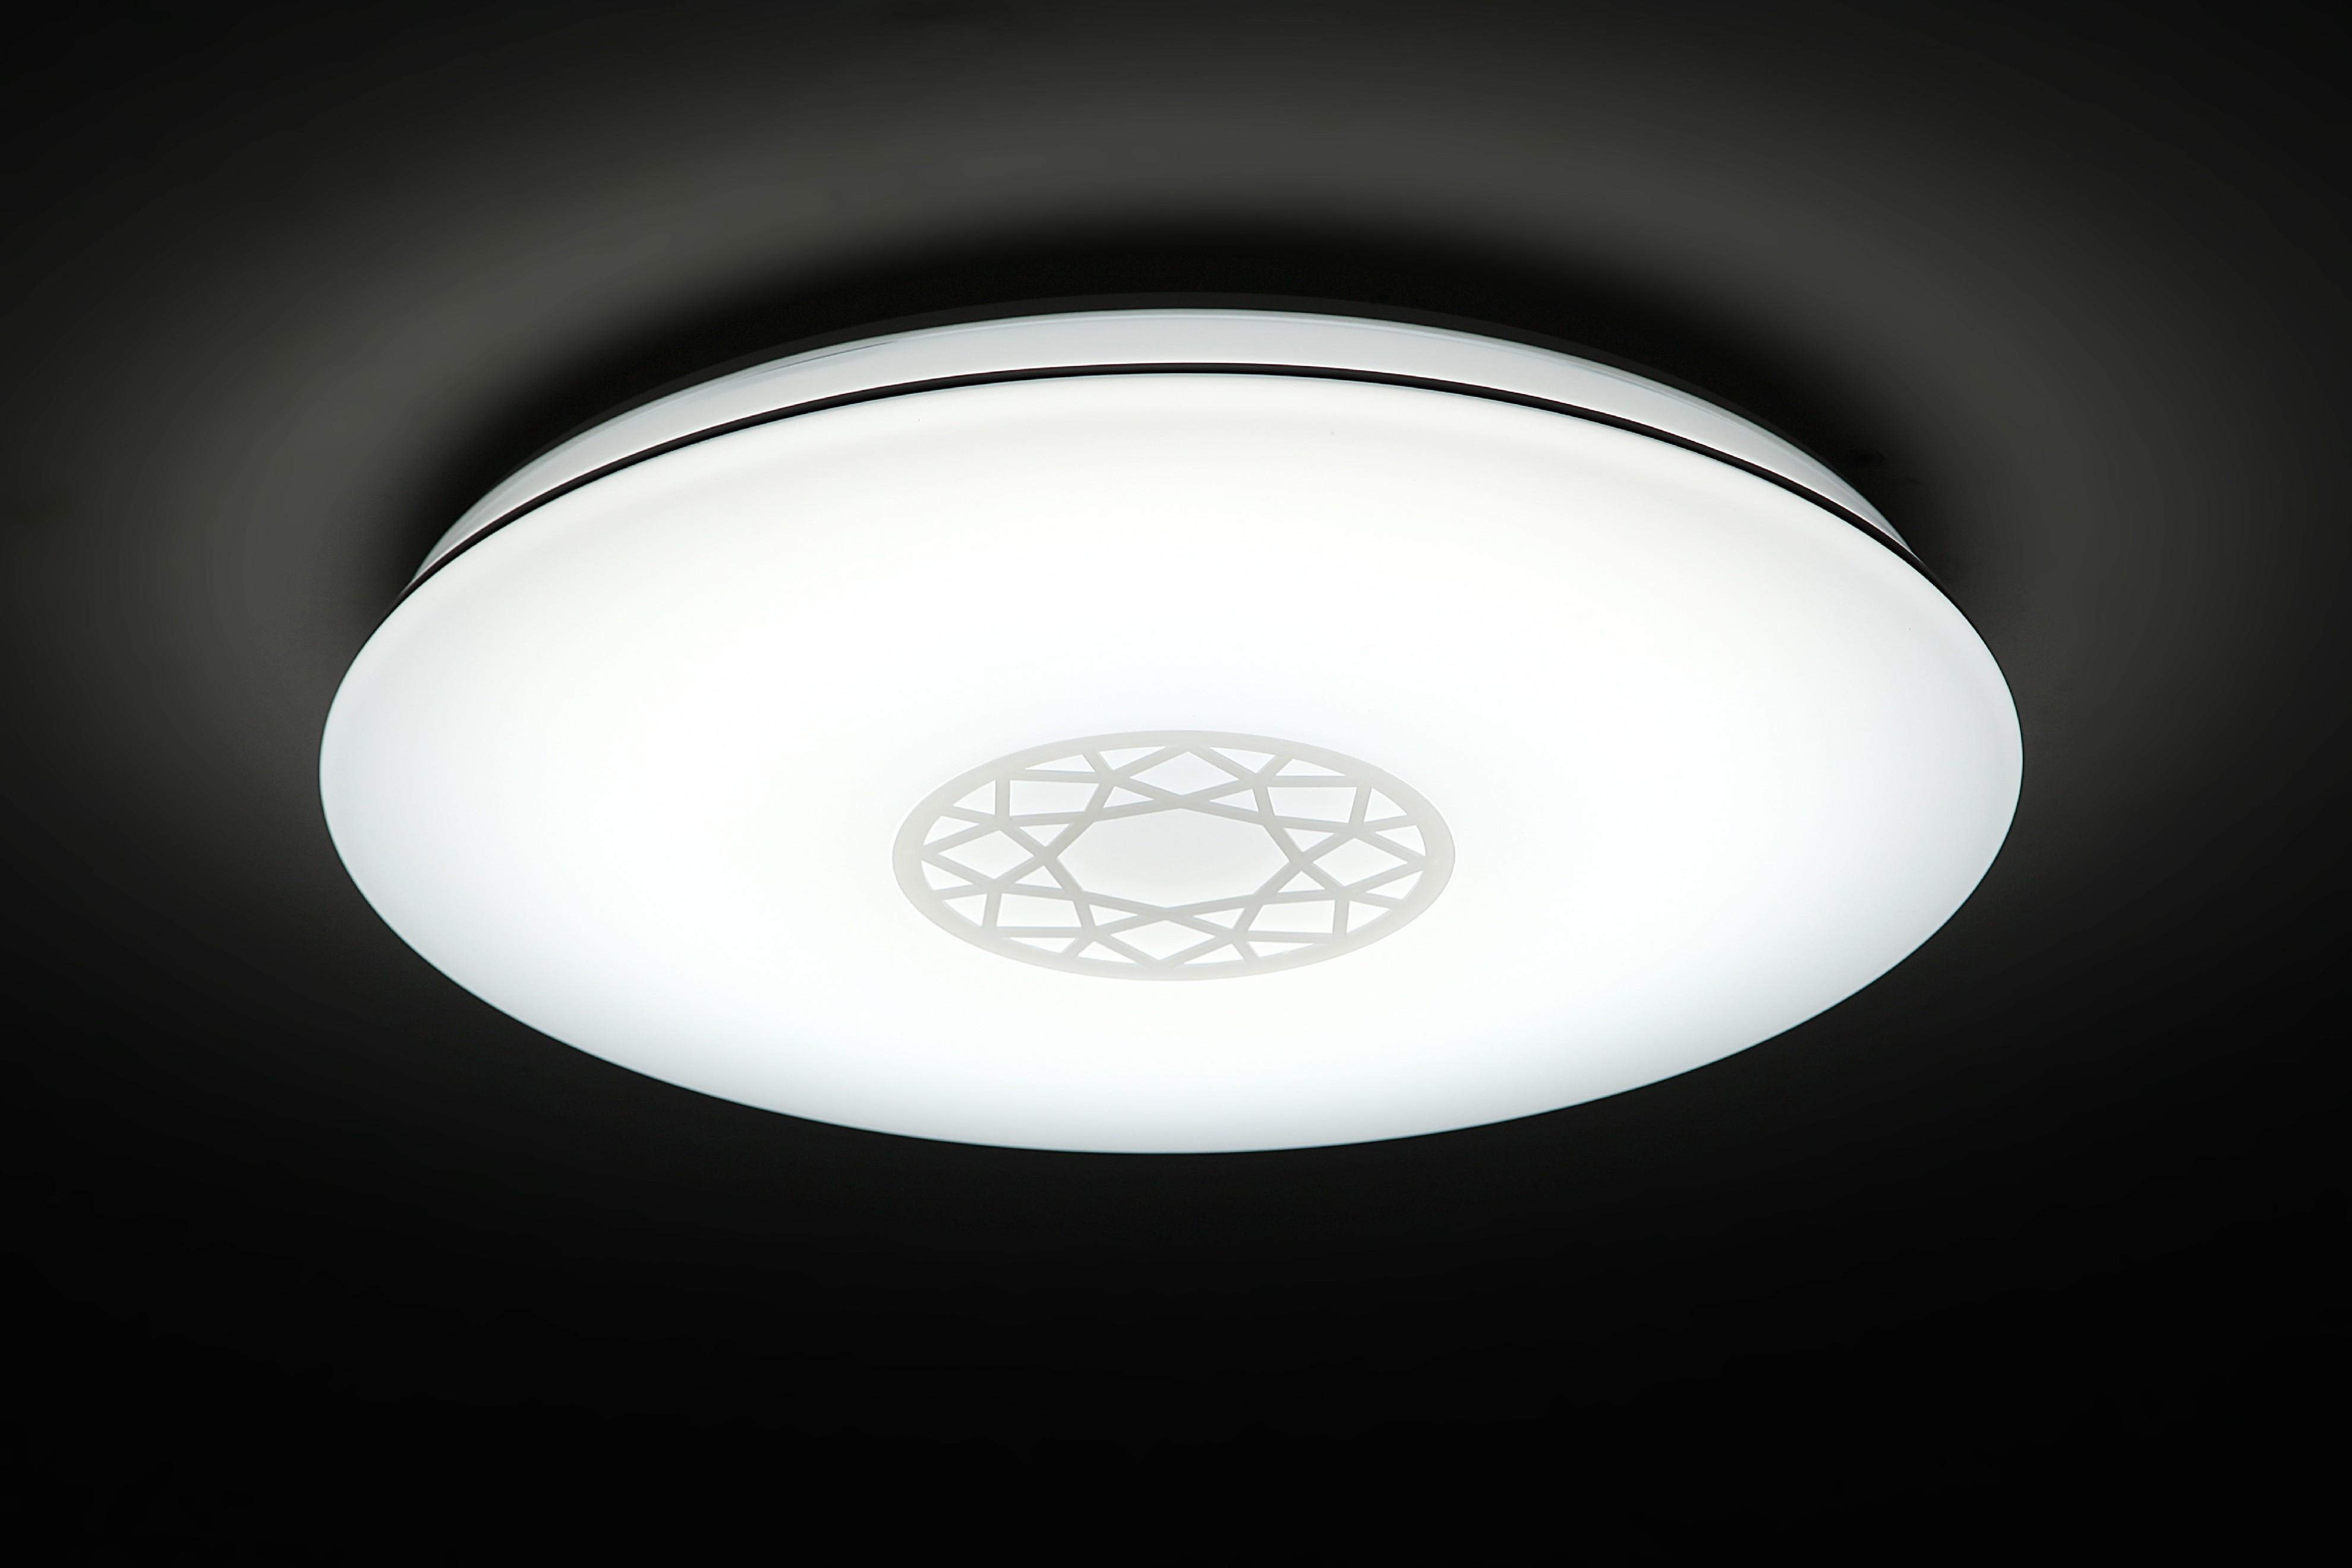 Inteligentní ECO LED svítidlo - Dalen DL-C216TW WiFi + LED lampička Solight s klipem (různé barvy)